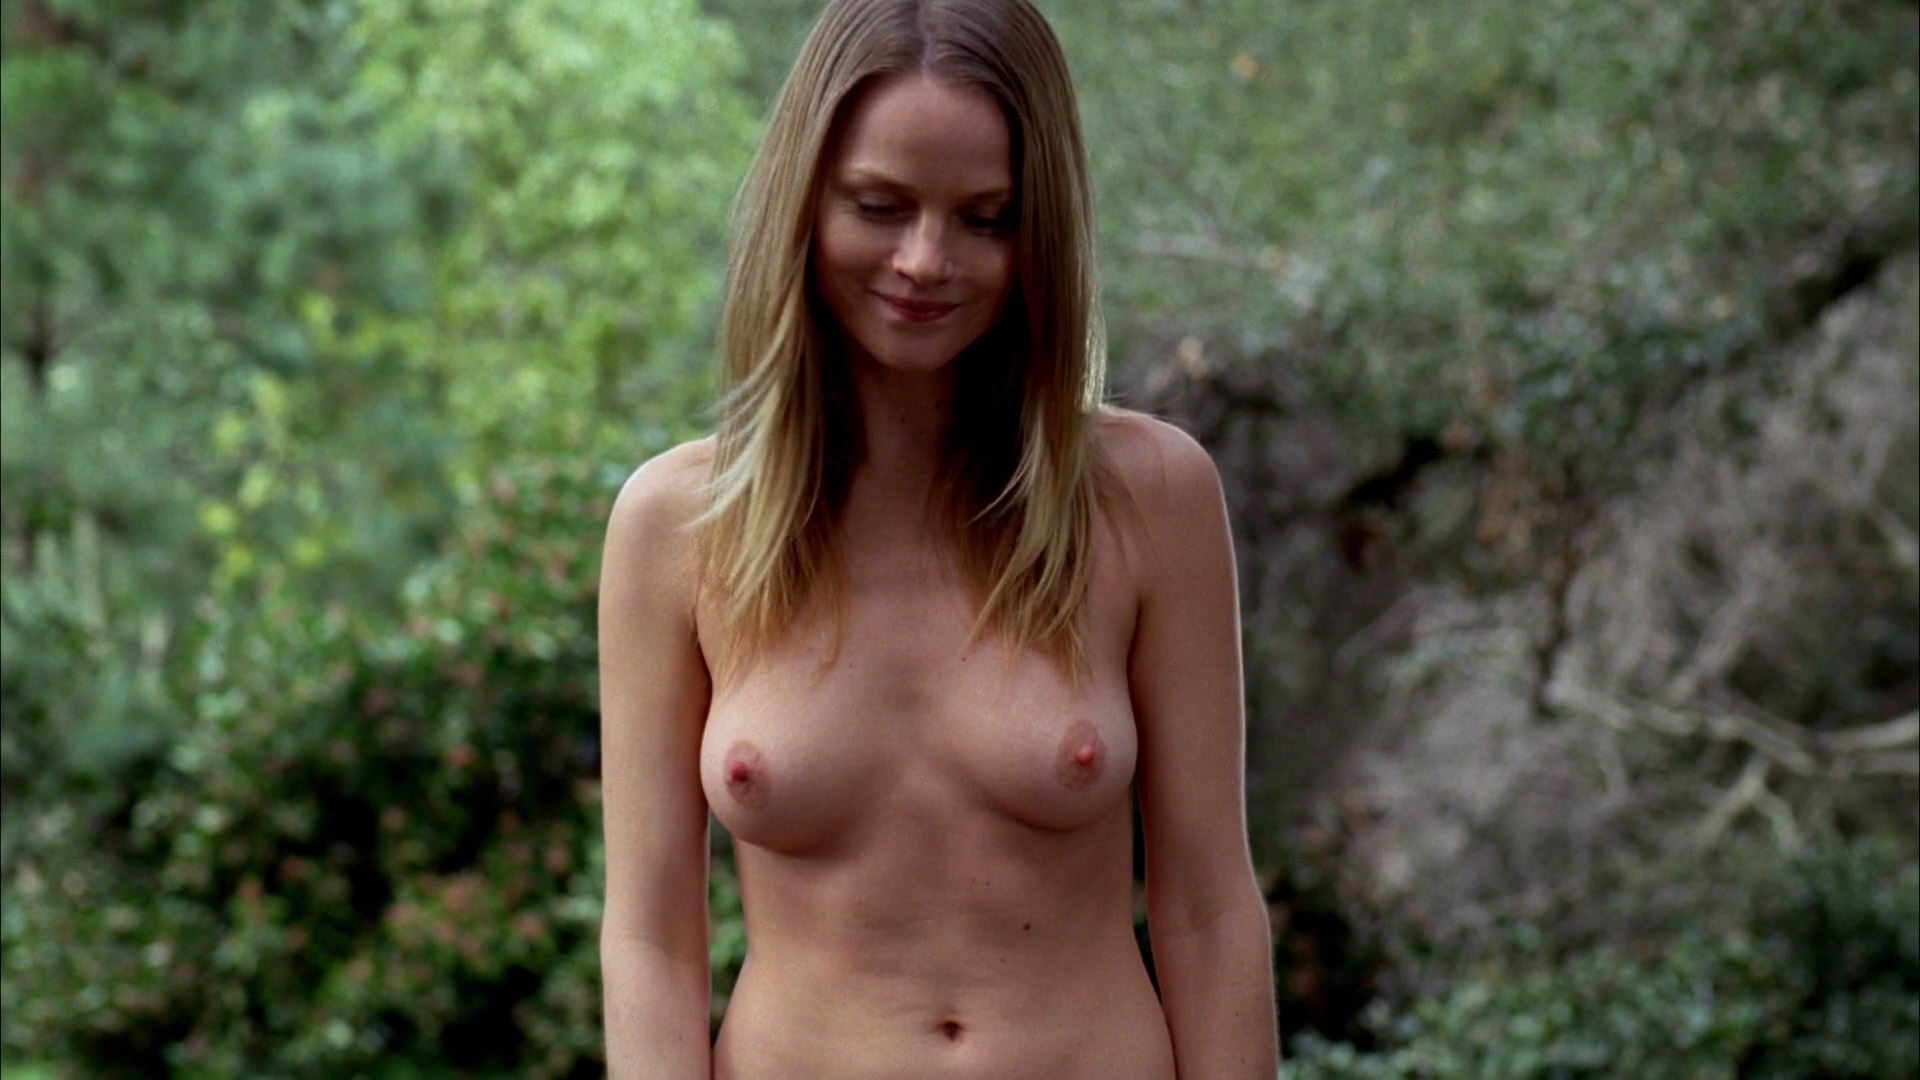 jillian janson nude